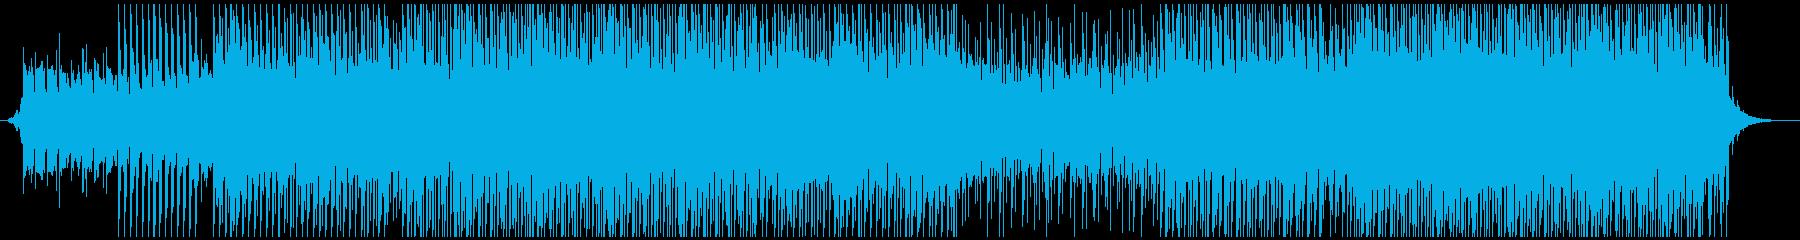 ポップサマーミュージックの再生済みの波形